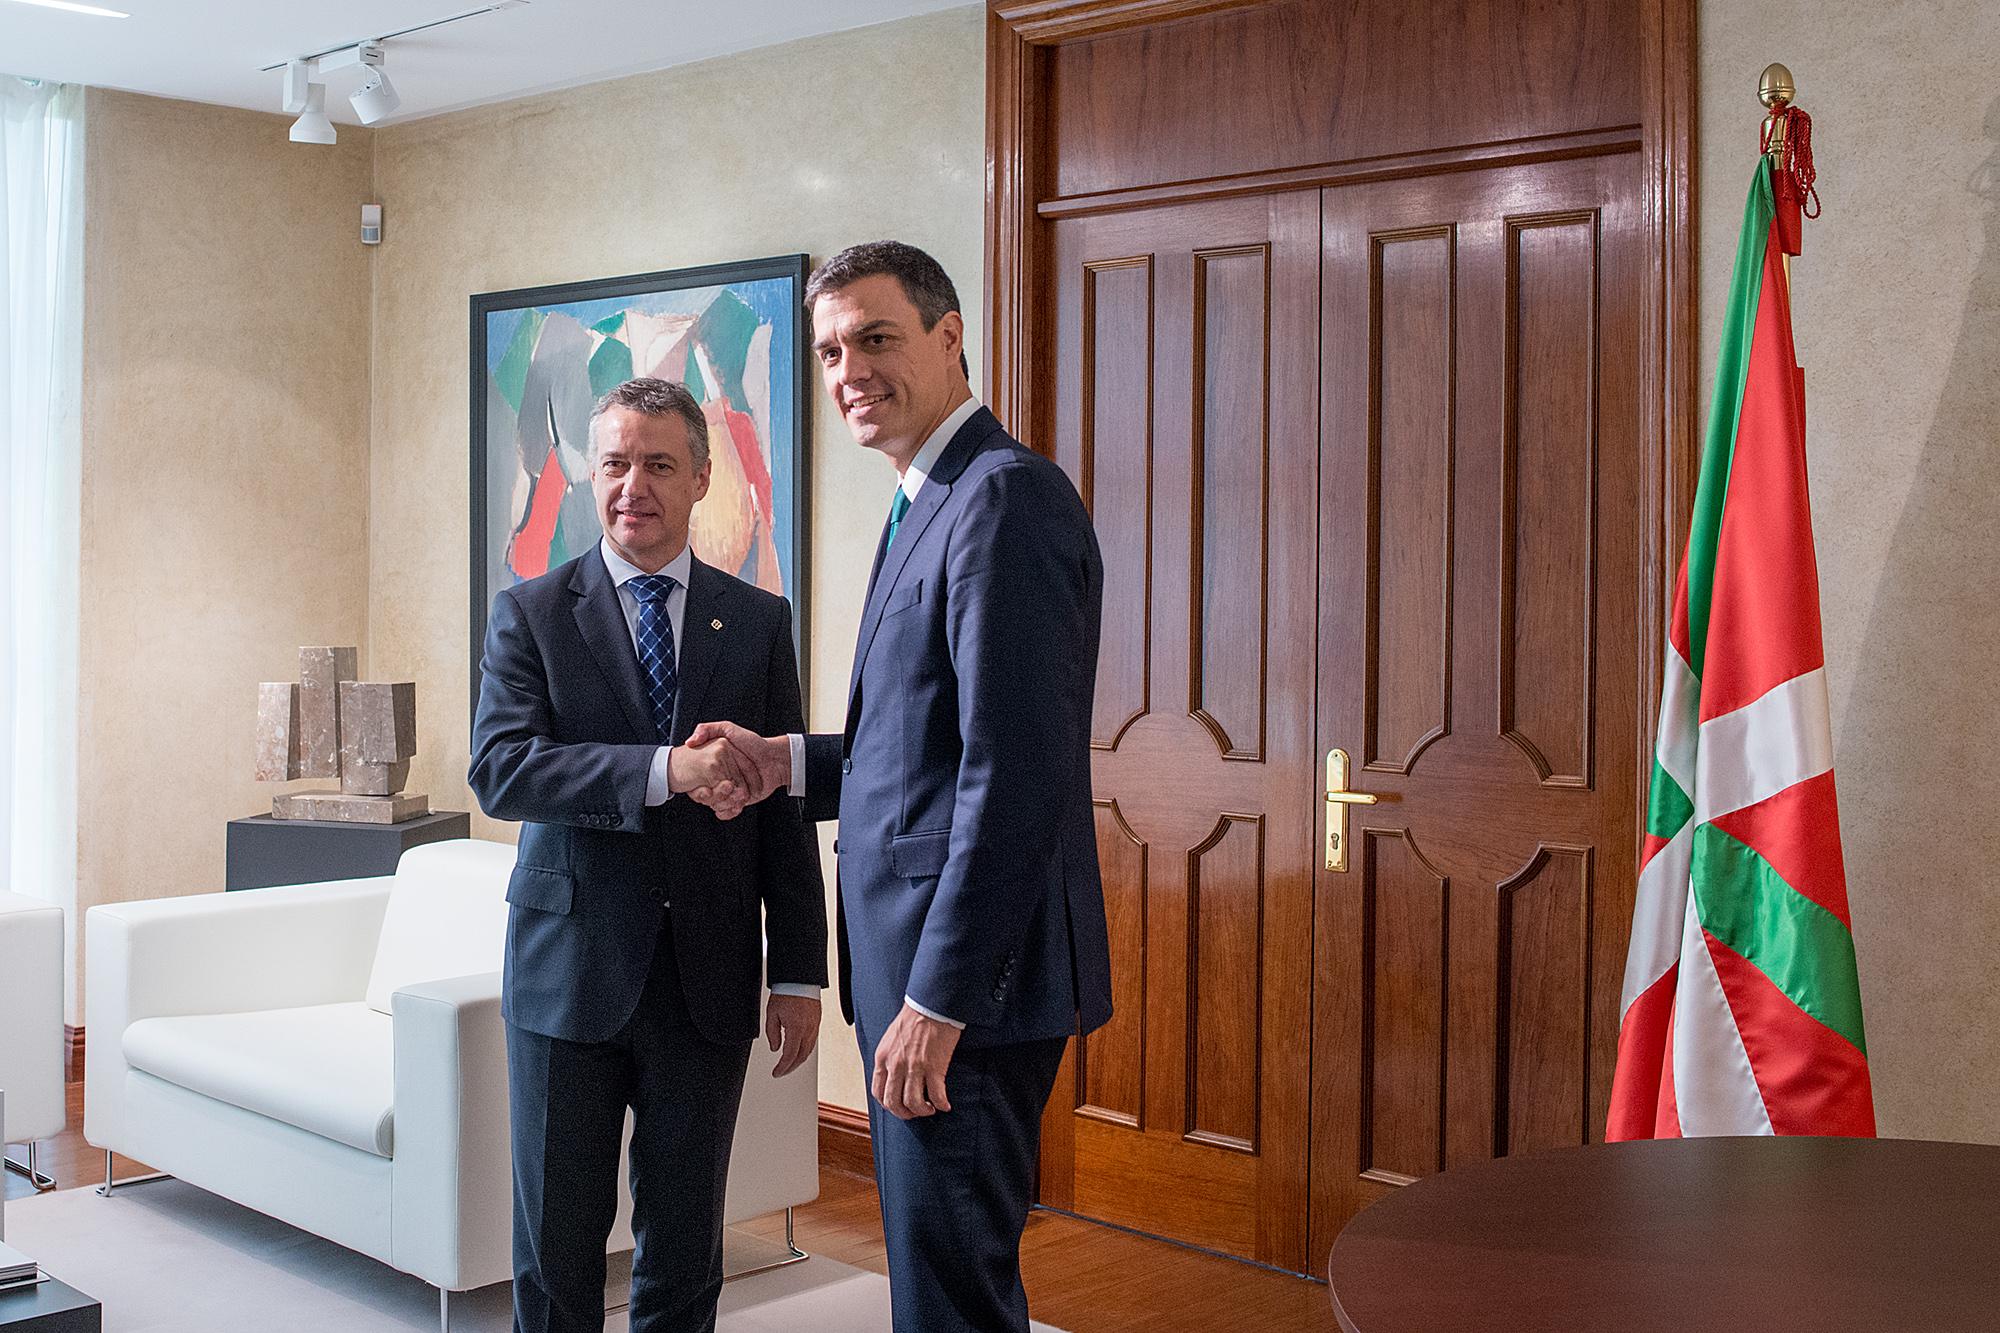 El lehendakari se ha reunido hoy con el secretario general del PSOE, Pedro Sánchez [1:21]